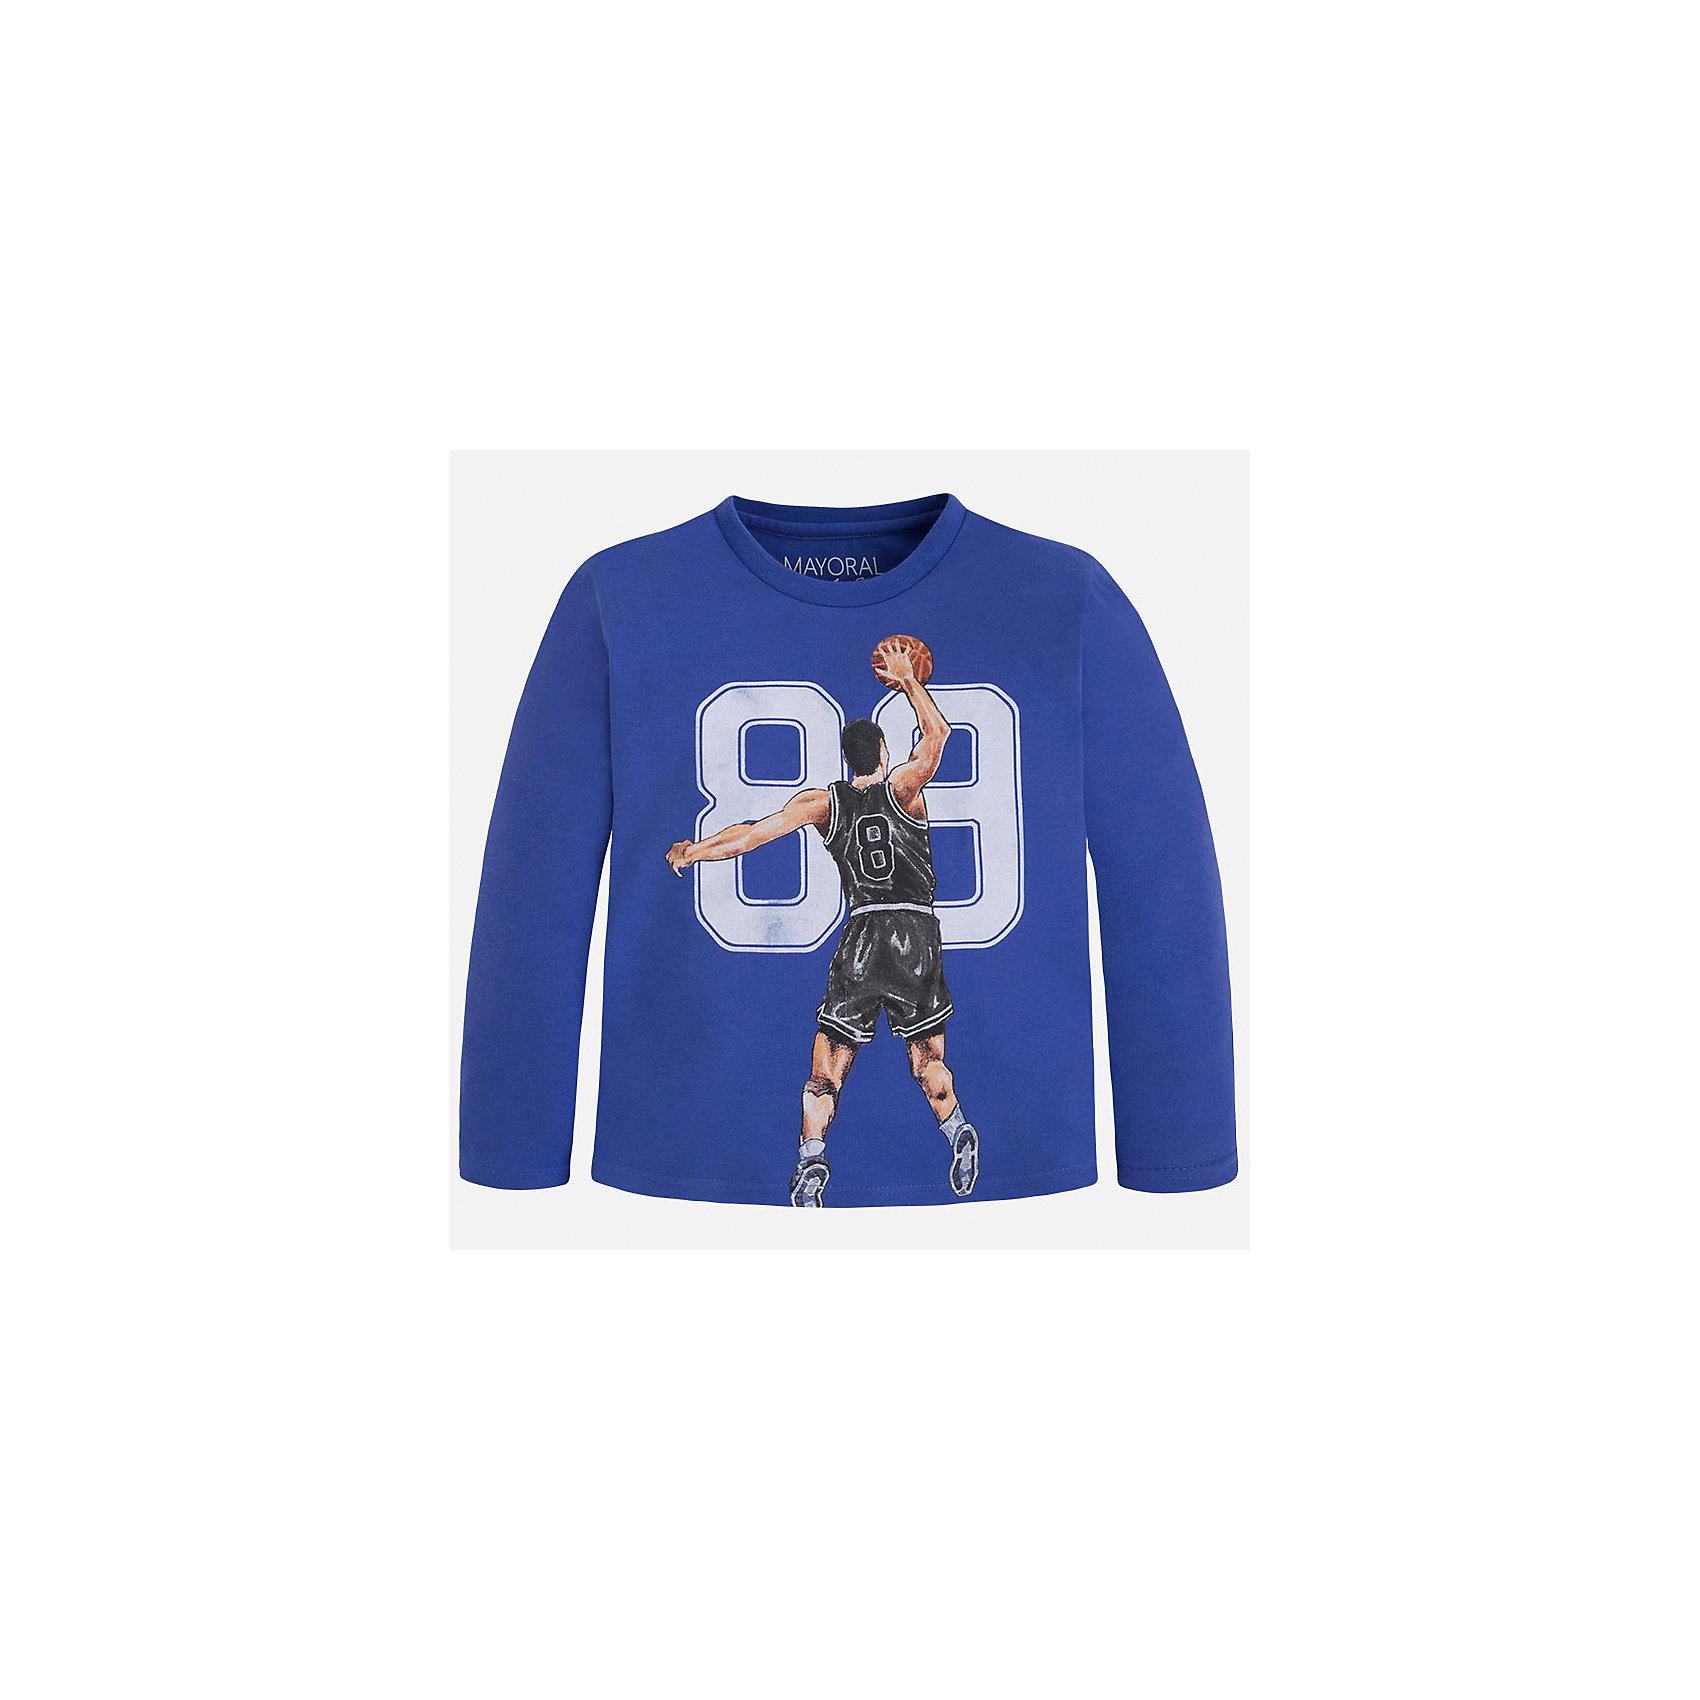 Футболка с длинным рукавом для мальчика MayoralФутболки с длинным рукавом<br>Хлопковая футболка с длинными рукавами - это  базовая вещь в любом гардеробе. Благодаря длинным рукавам и легкому составу, ее можно носить в любое время года, а яркий орнамент, подчеркнет индивидуальный стиль Вашего ребенка!<br><br>Дополнительная информация:<br><br>- Крой: прямой крой.<br>- Страна бренда: Испания.<br>- Состав: хлопок 100%.<br>- Цвет: синий.<br>- Уход: бережная стирка при 30 градусах.<br><br>Купить футболку с длинным рукавом для мальчика, от  Mayoral, можно в нашем магазине.<br><br>Ширина мм: 230<br>Глубина мм: 40<br>Высота мм: 220<br>Вес г: 250<br>Цвет: синий<br>Возраст от месяцев: 72<br>Возраст до месяцев: 84<br>Пол: Мужской<br>Возраст: Детский<br>Размер: 122,110,134,104,116,98,128<br>SKU: 4821837